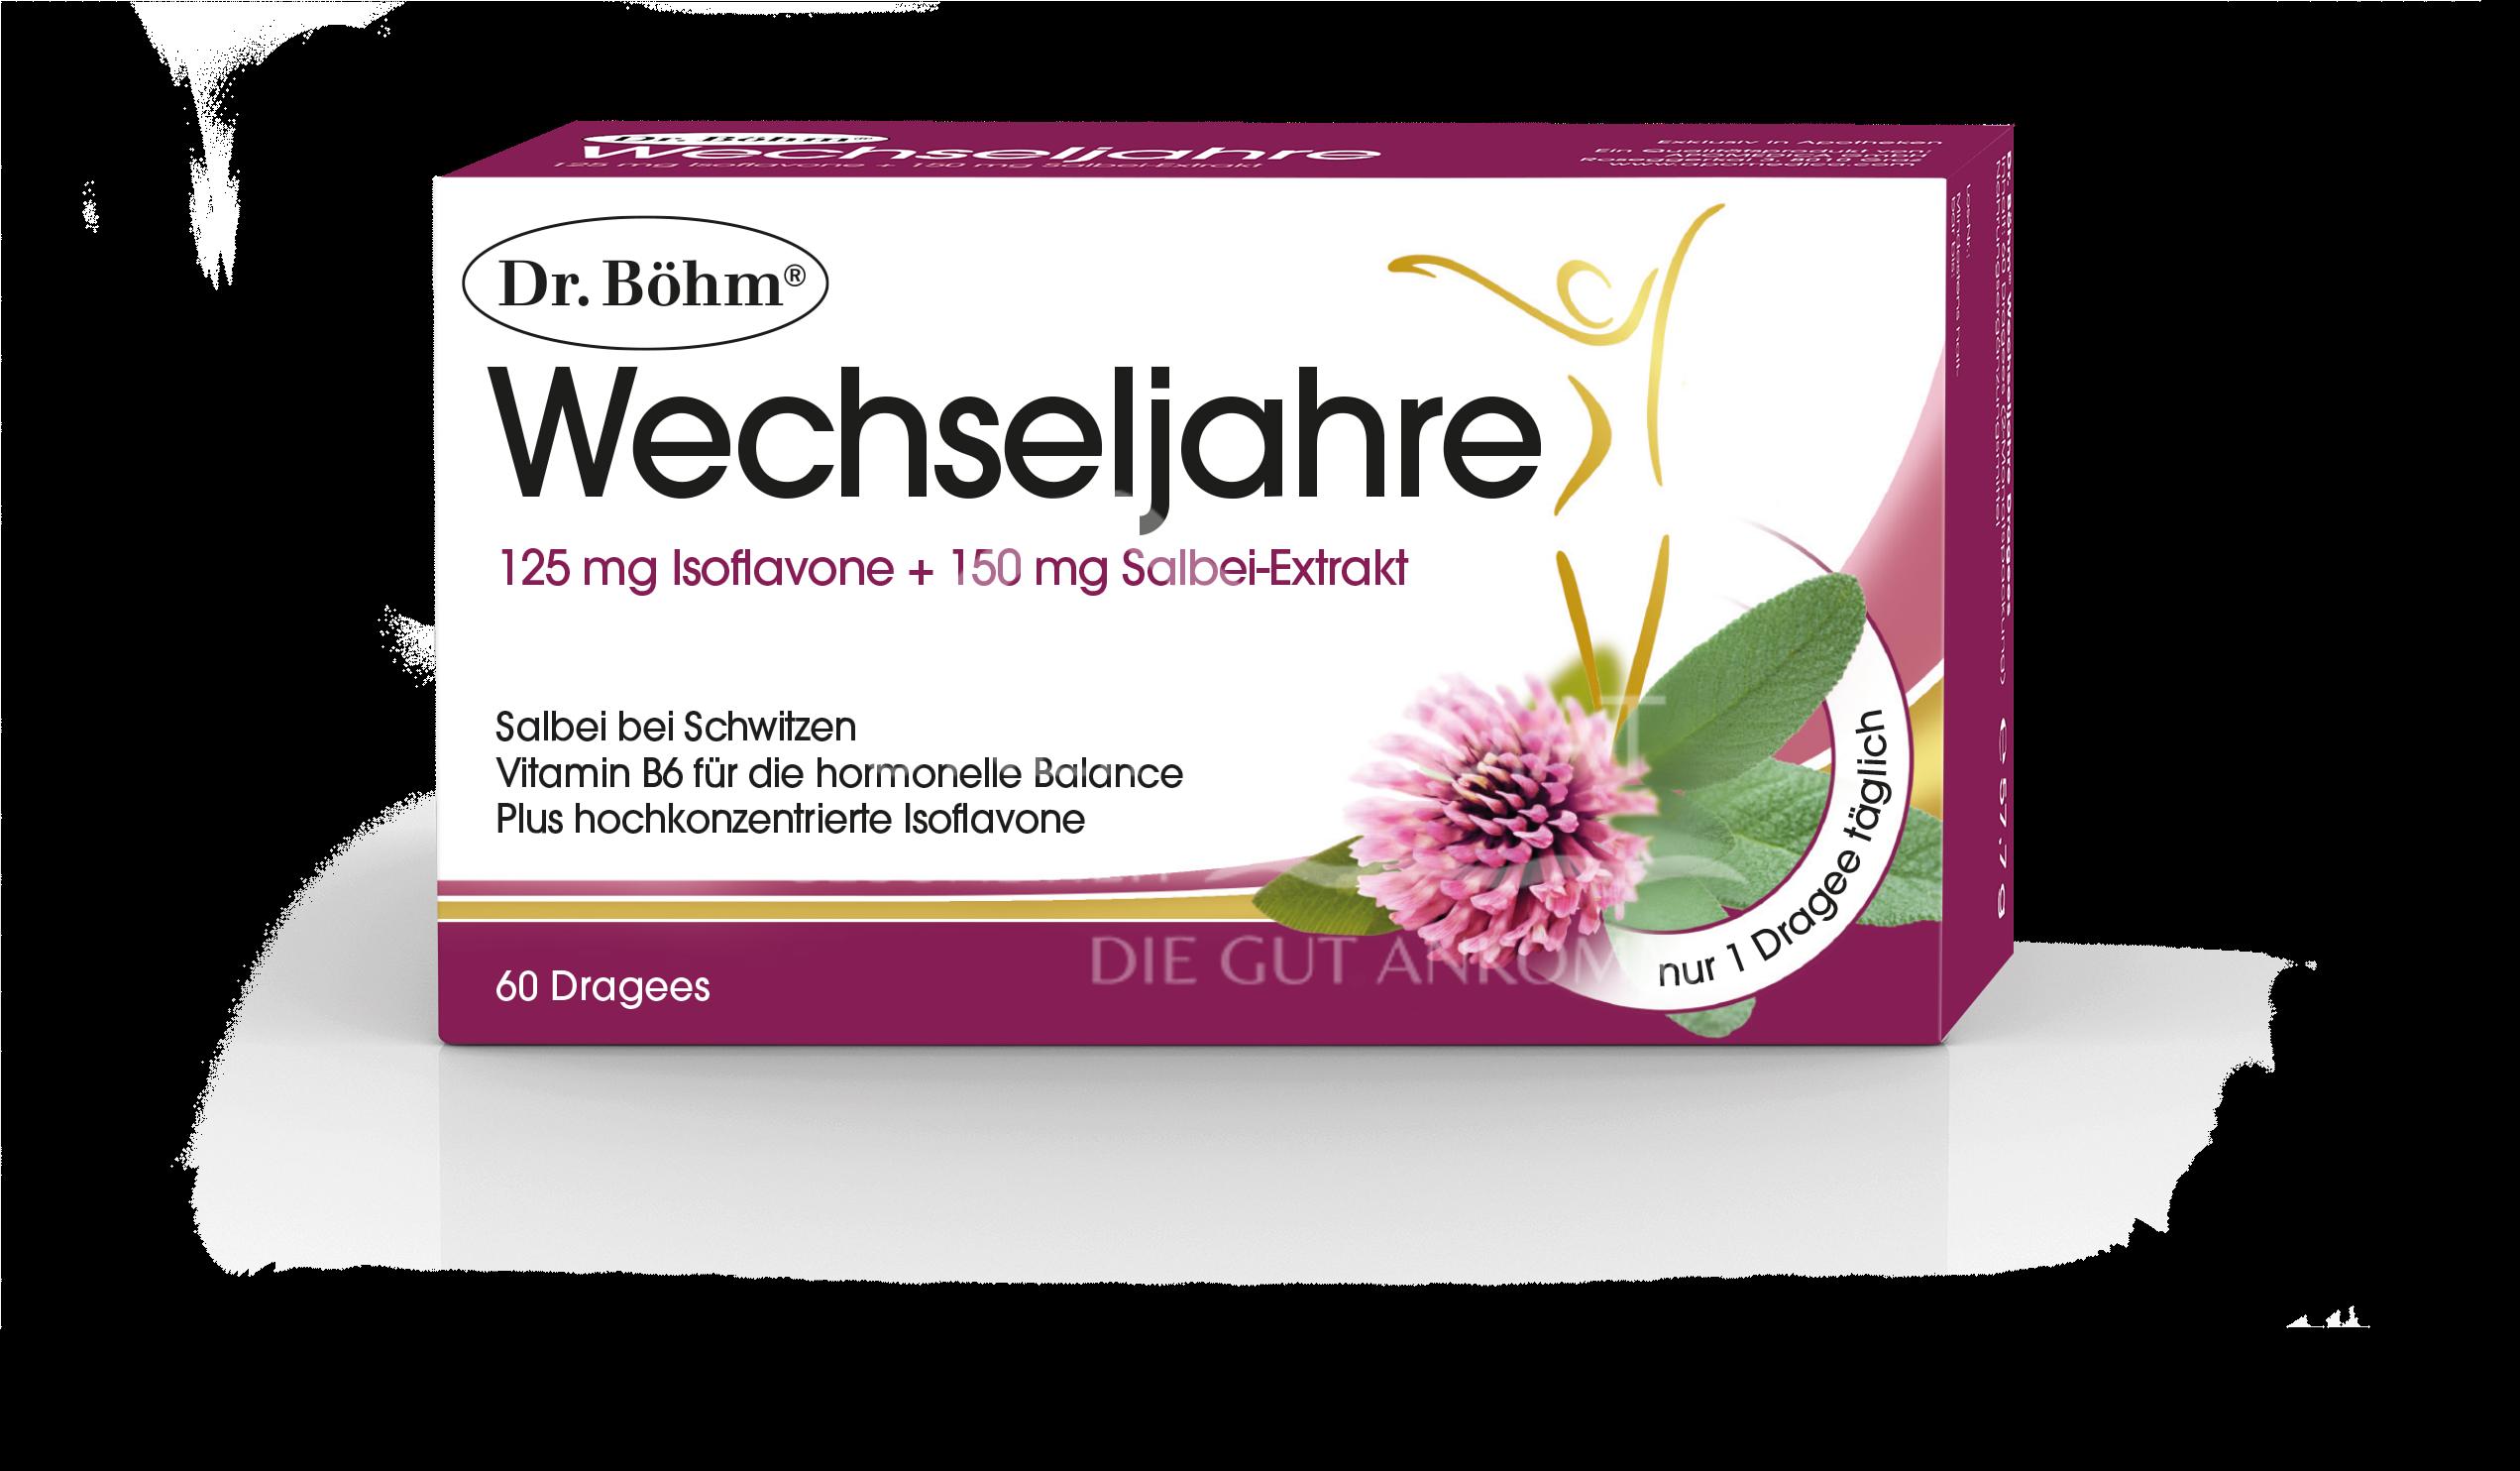 Dr. Böhm® Wechseljahre Dragees